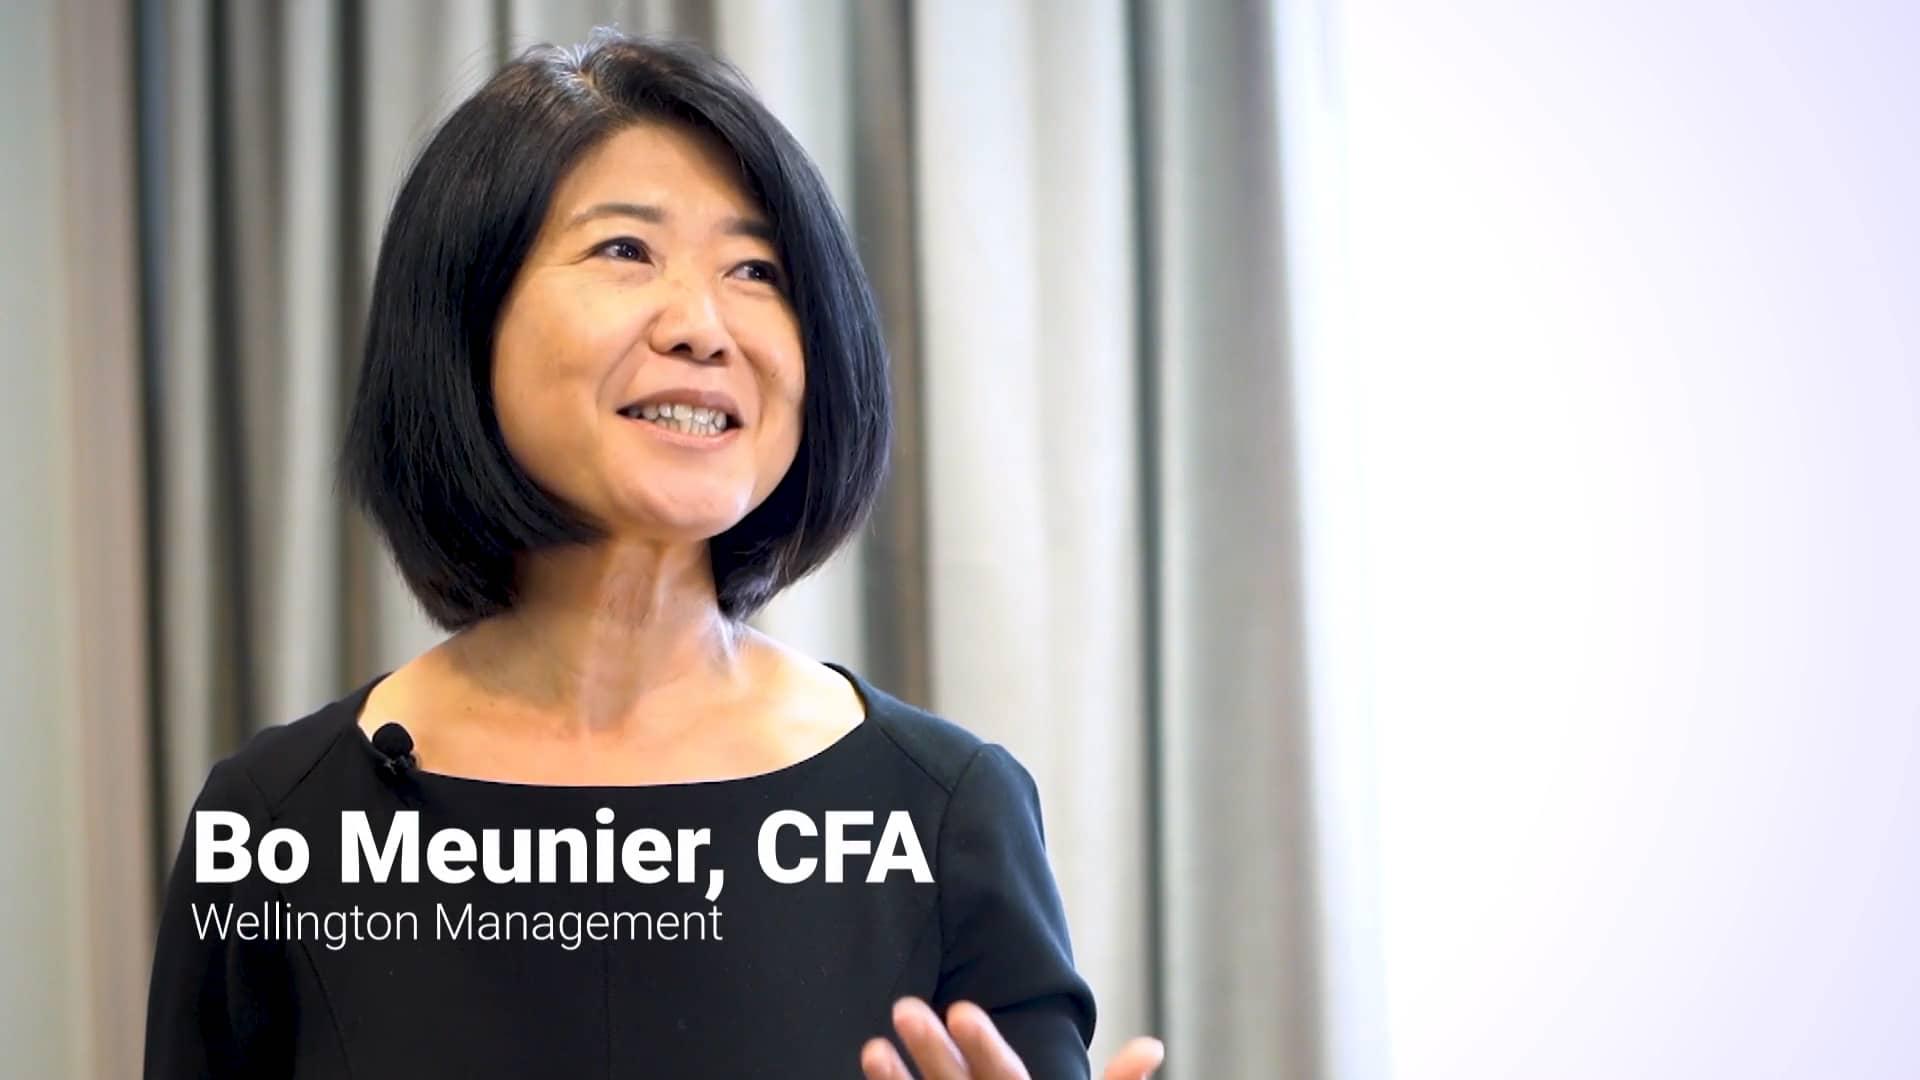 FEG 2019 Forum Q&A Series: China